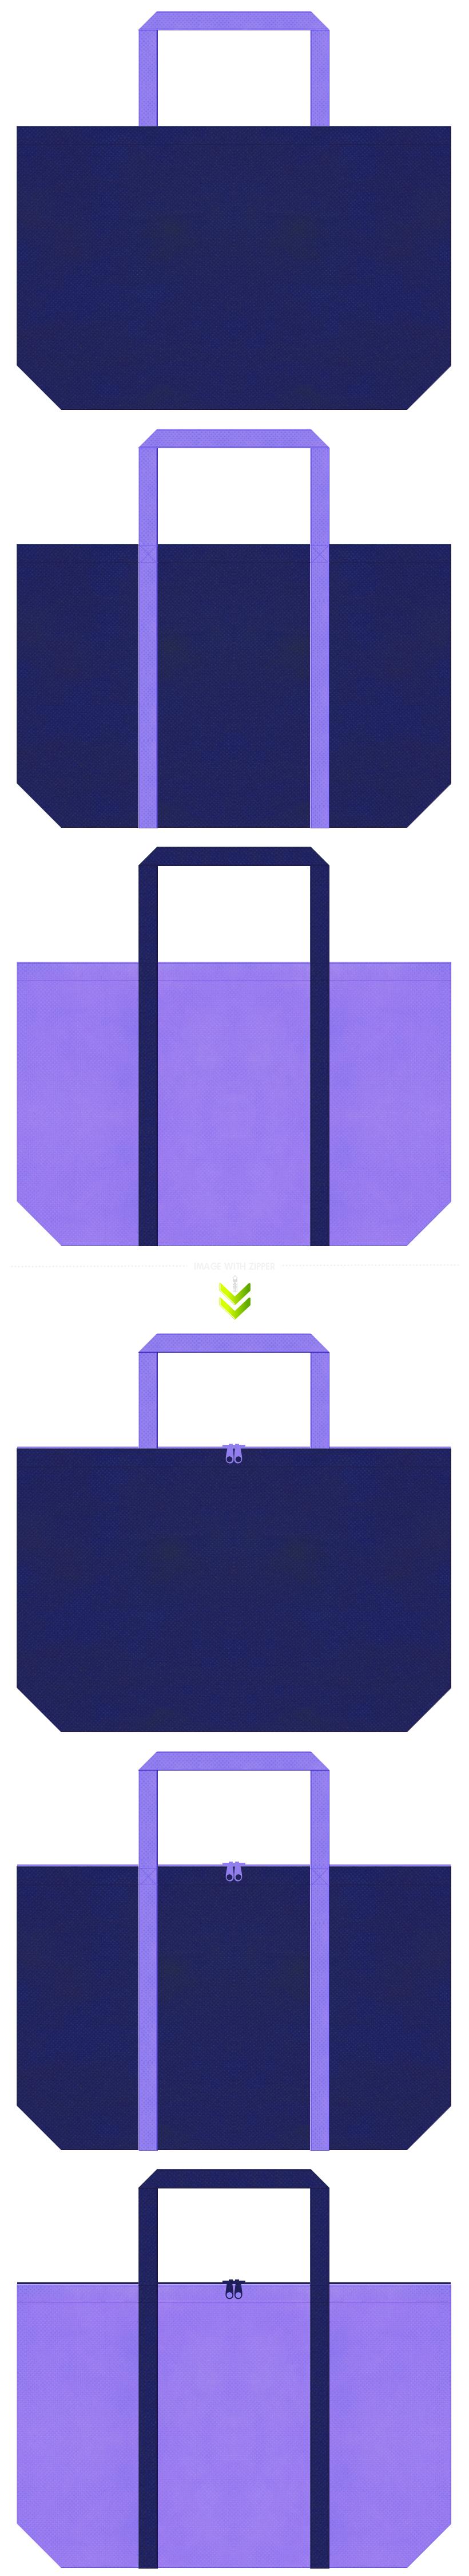 天体観測・星座・プラネタリウム・星占い・星空のイベント・神話・伝説・ゲームの展示会用バッグ・夏浴衣のショッピングバッグにお奨めの不織布バッグデザイン:明るい紺色と薄紫色のコーデ